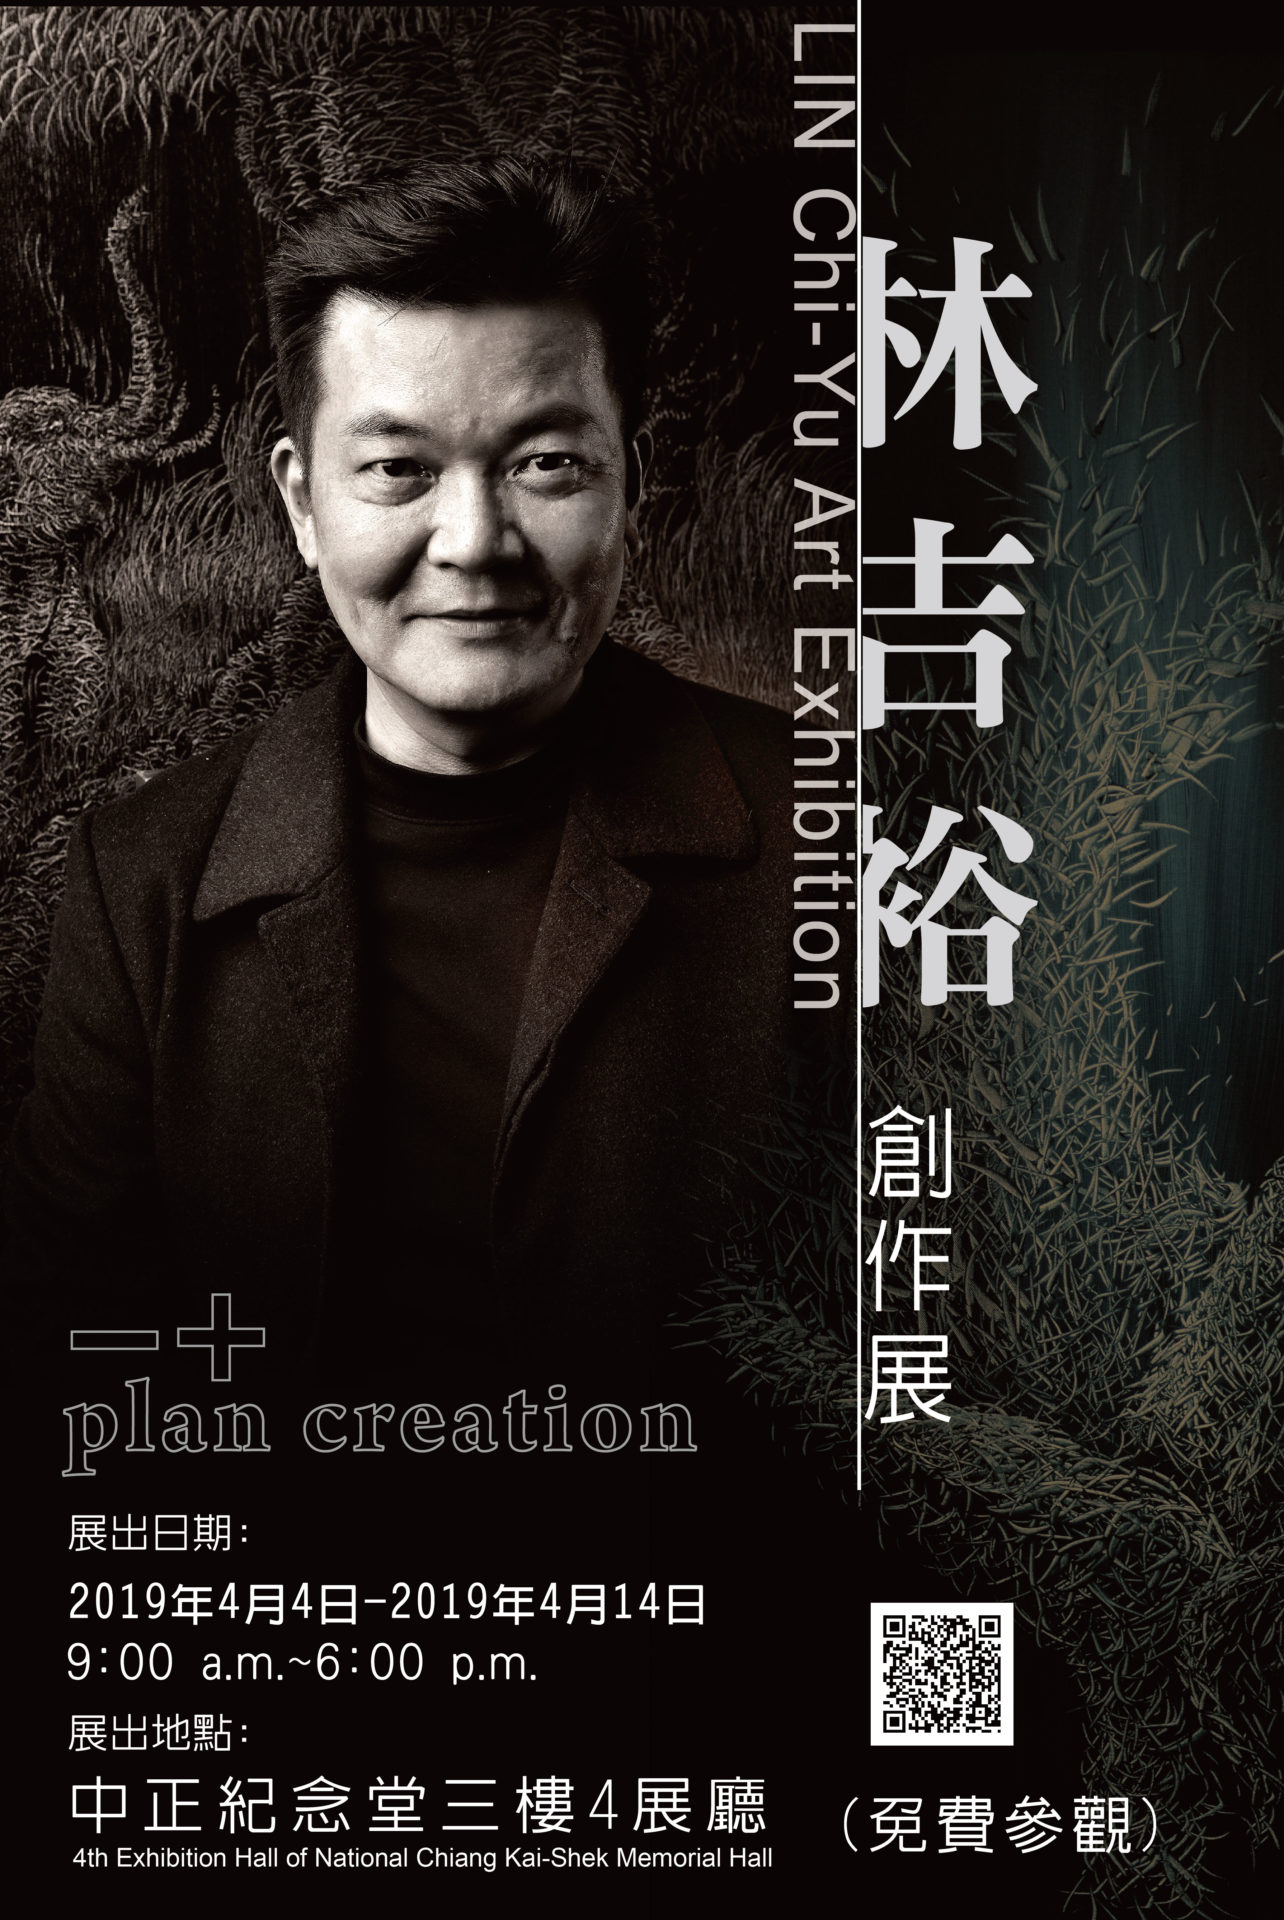 國立中正紀念堂管理處:2019/04/04-2019/04/14【林吉裕(五兆)創作展】